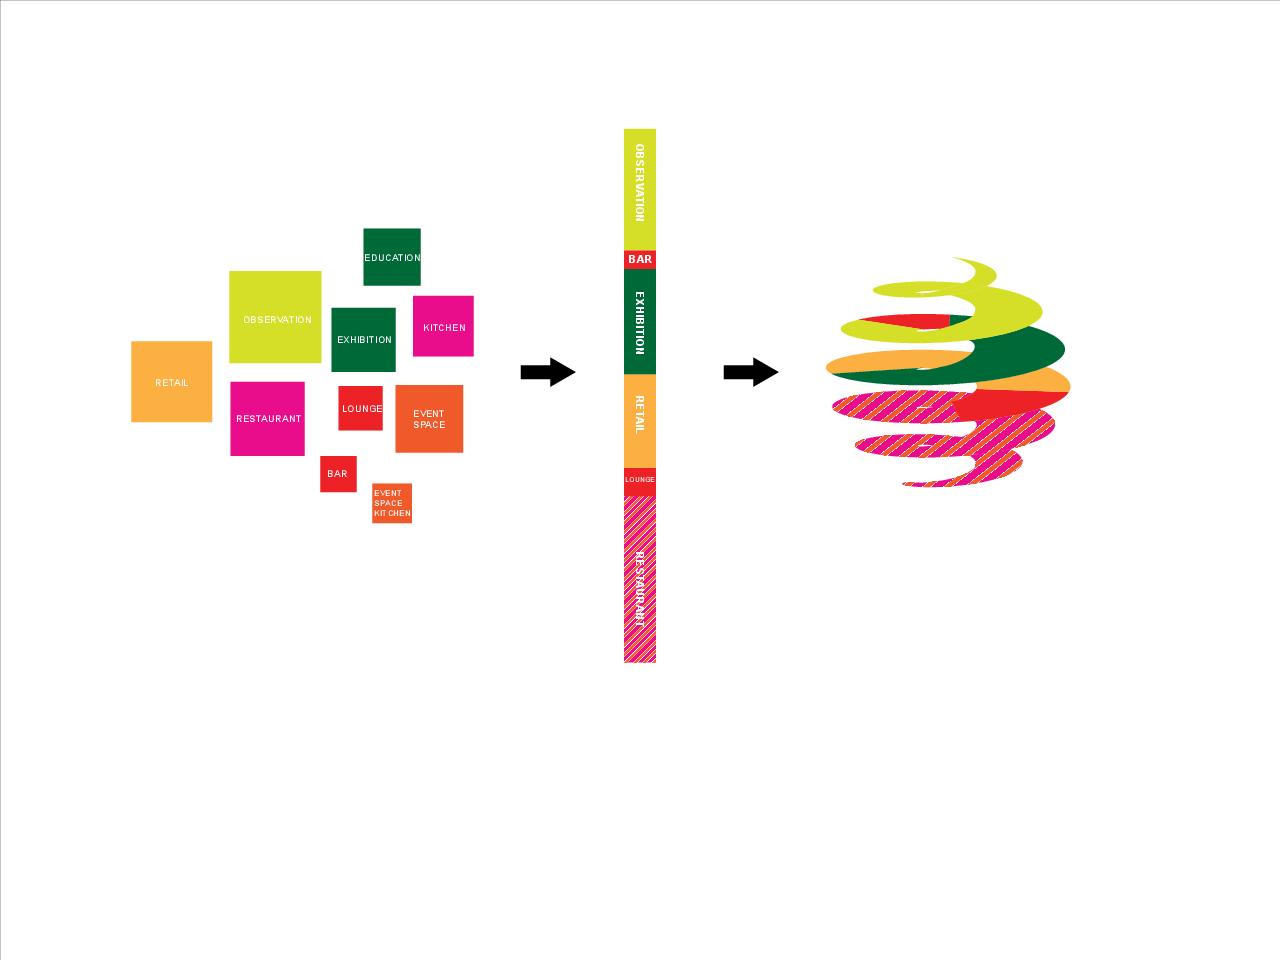 Program diagrams architecture google search arch diagrams - Program Diagrams Architecture Google Search